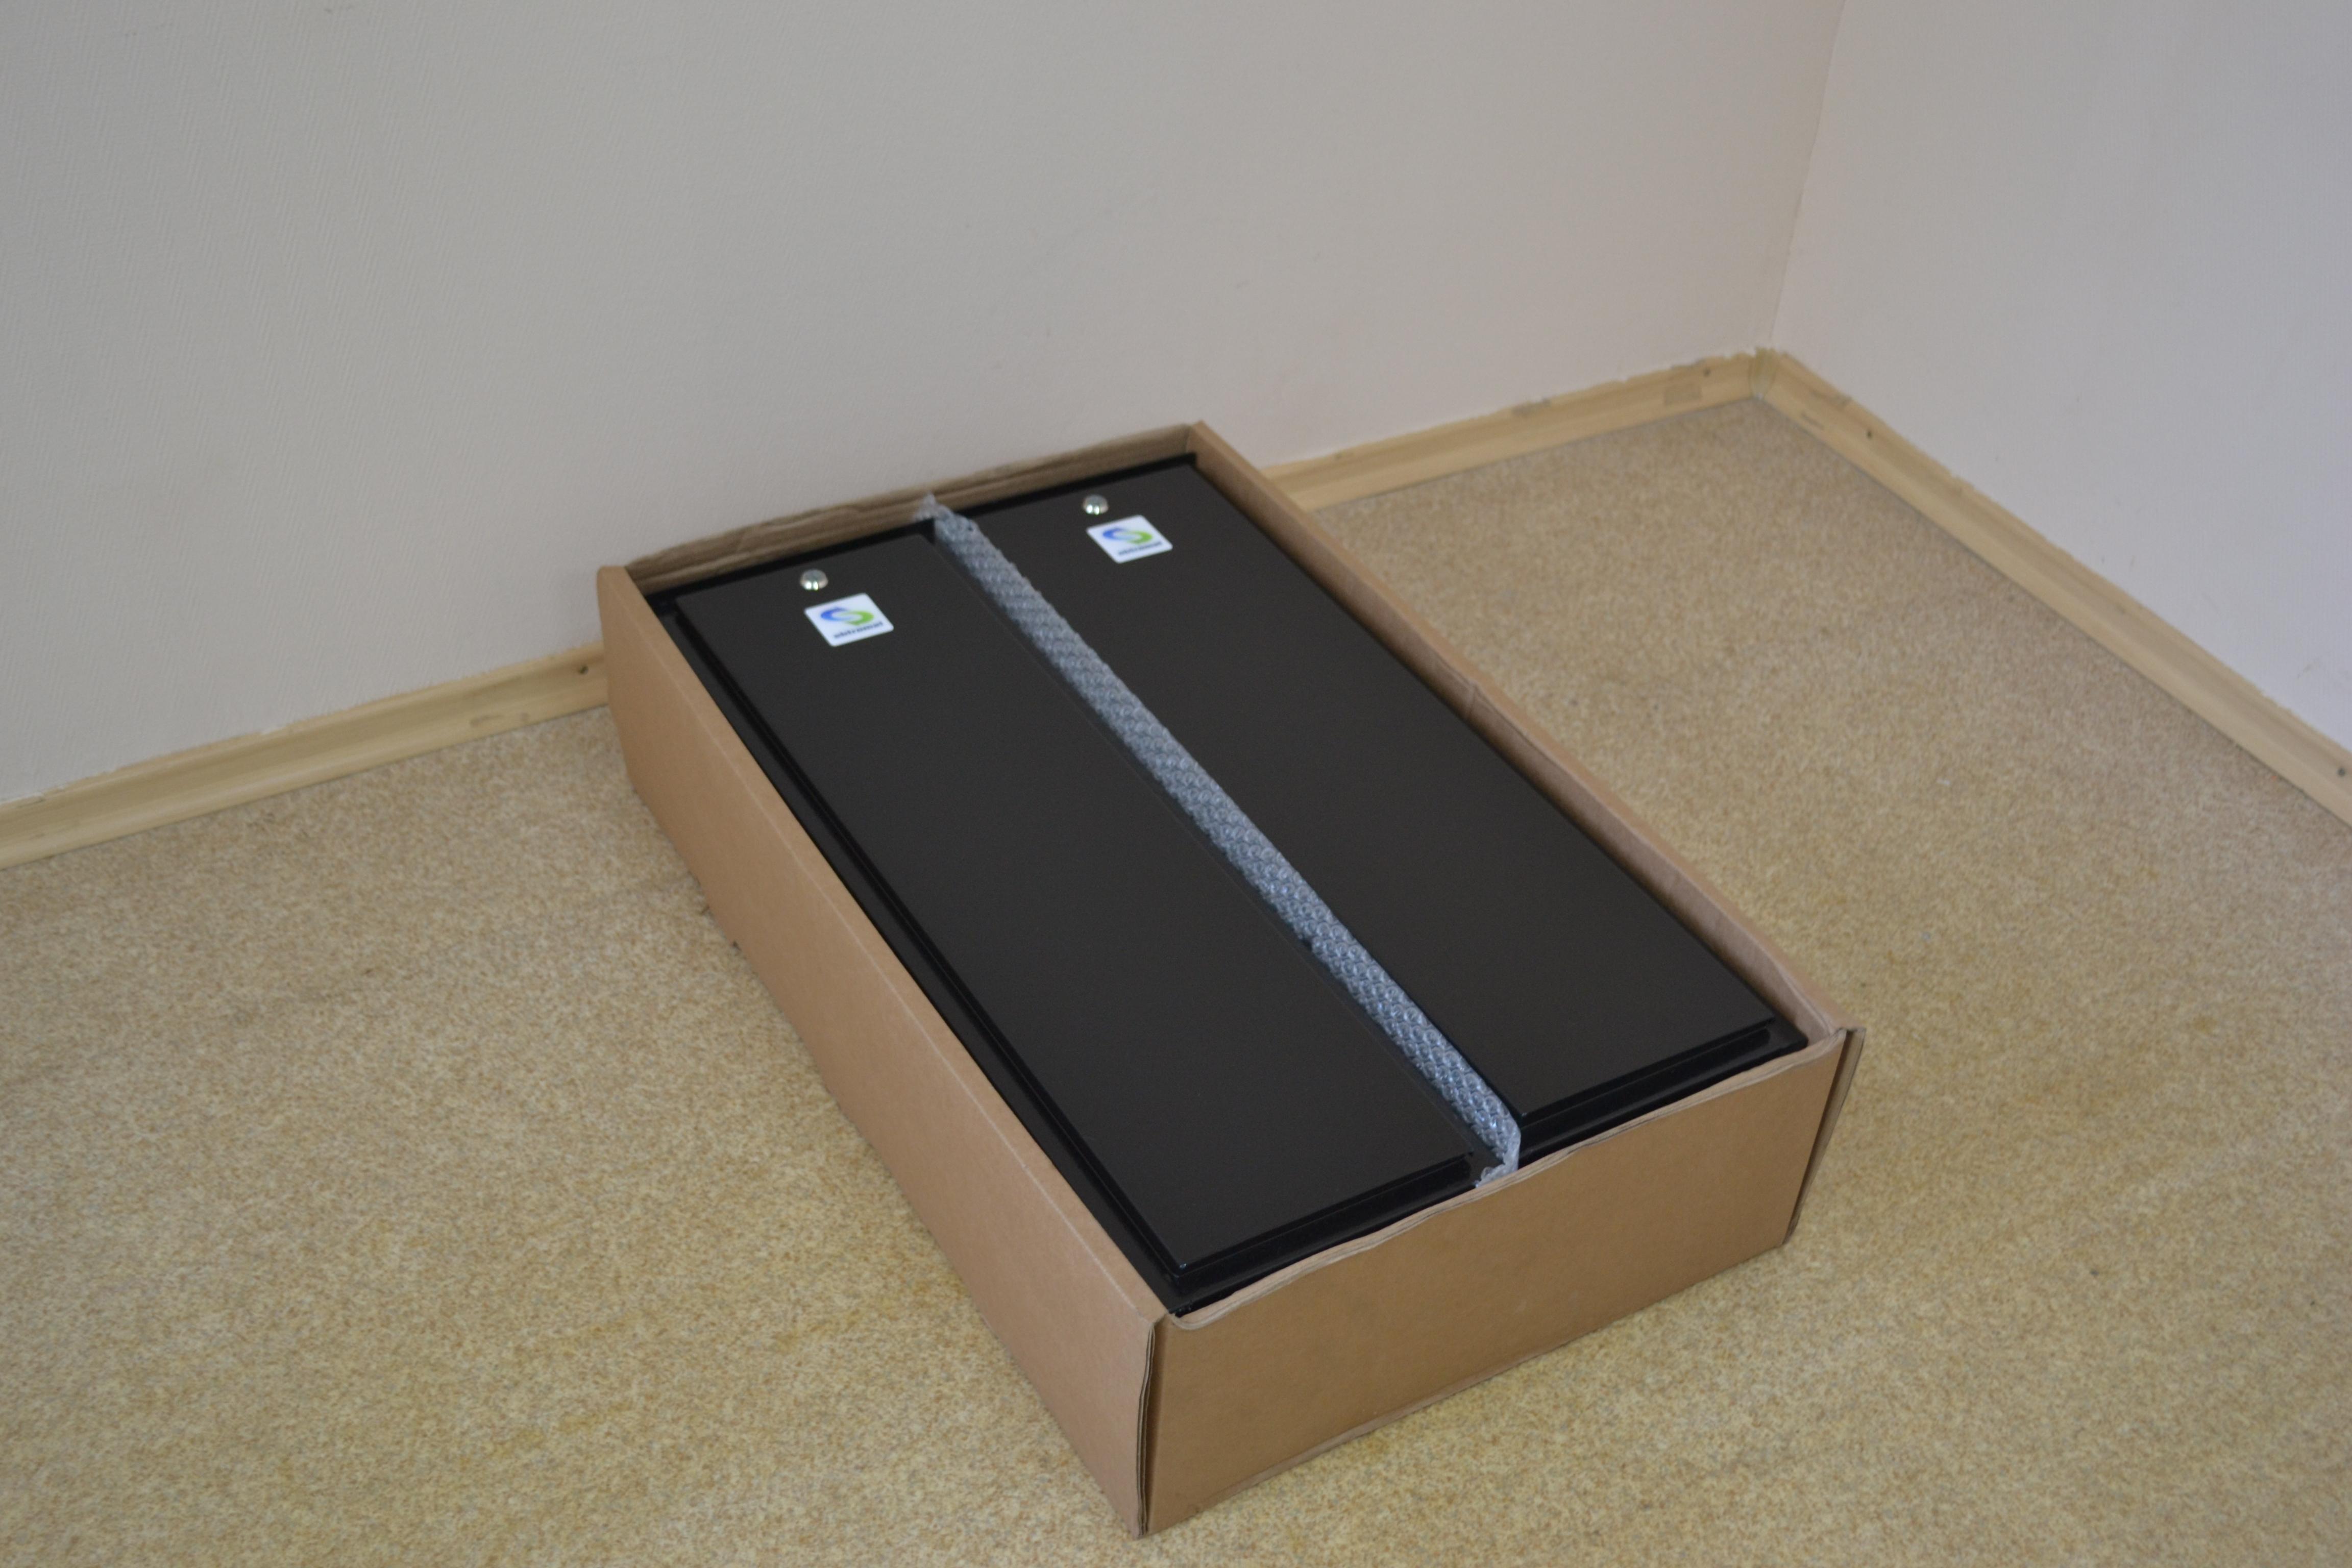 Shtromat KetteMatic - упаковка 2